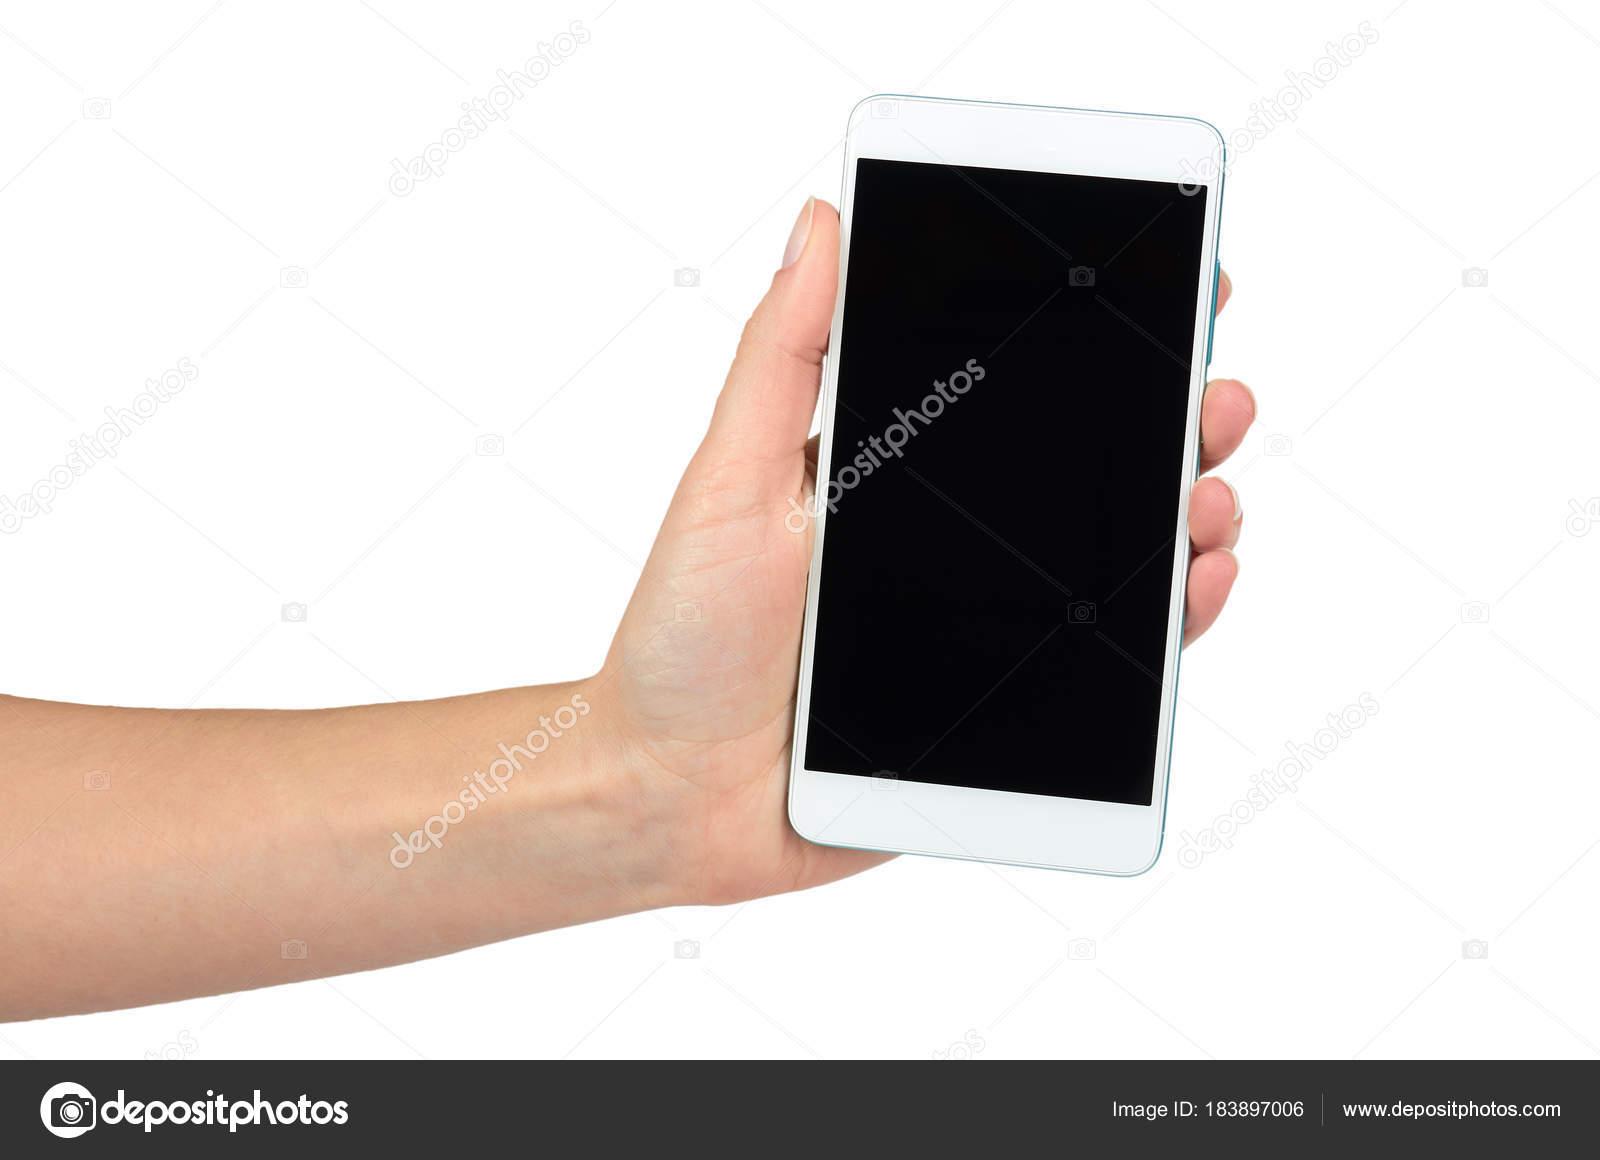 Как правильно отрекламировать сотовый телефон одновременно бегун и яндекс директ